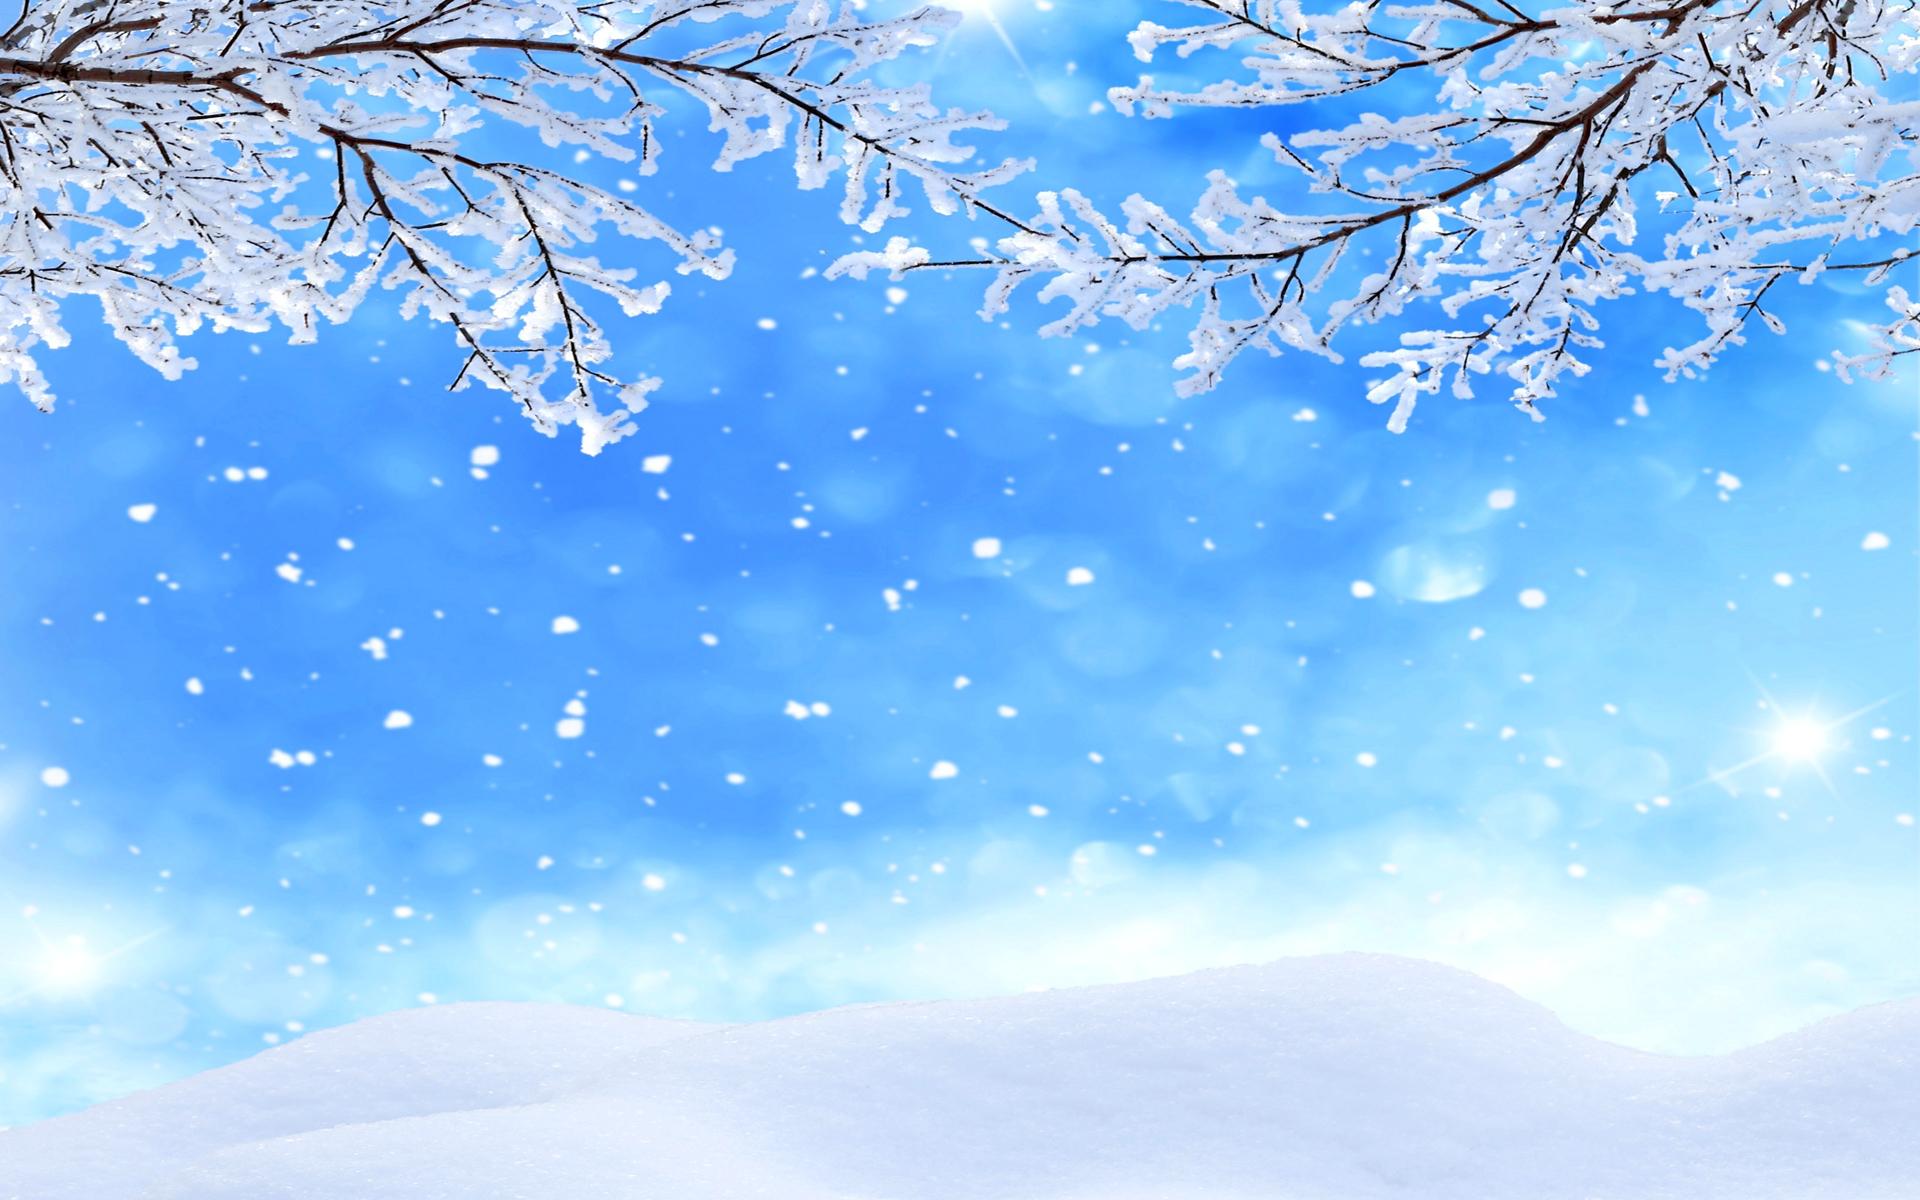 стремительно красивые картинки для фона зимние как это